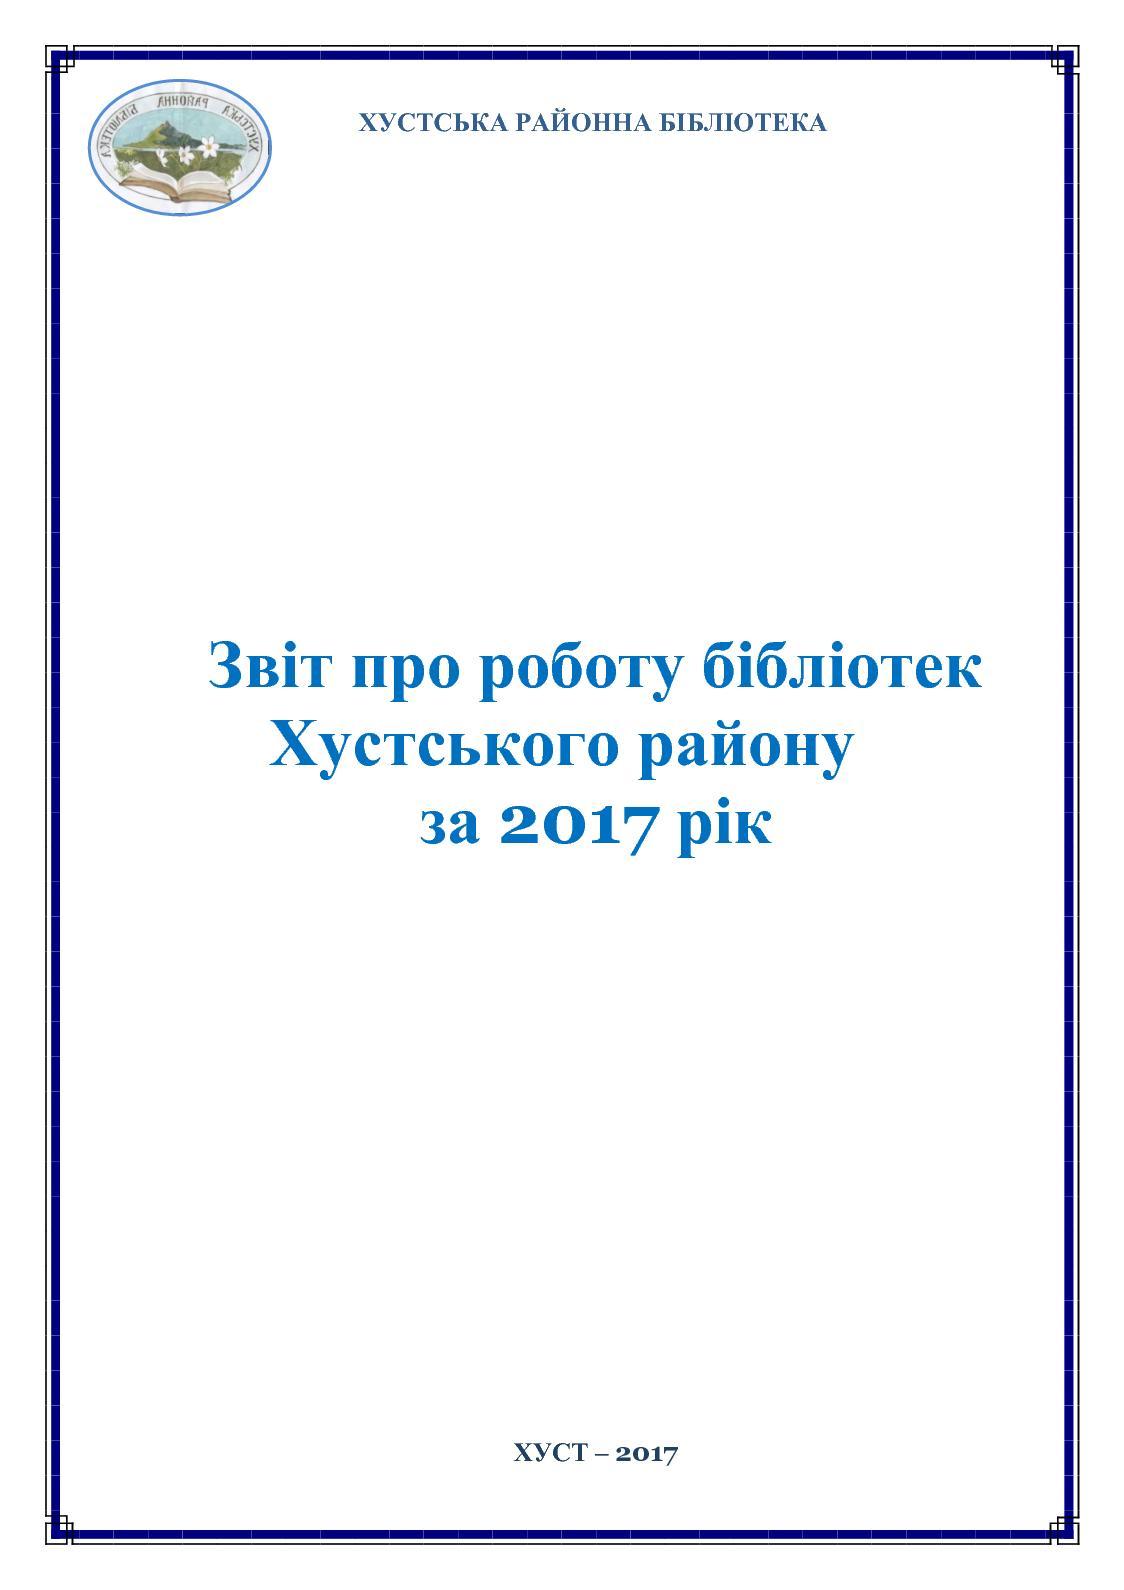 Звіт про роботу бібліотек Хустського району за 2017 рік